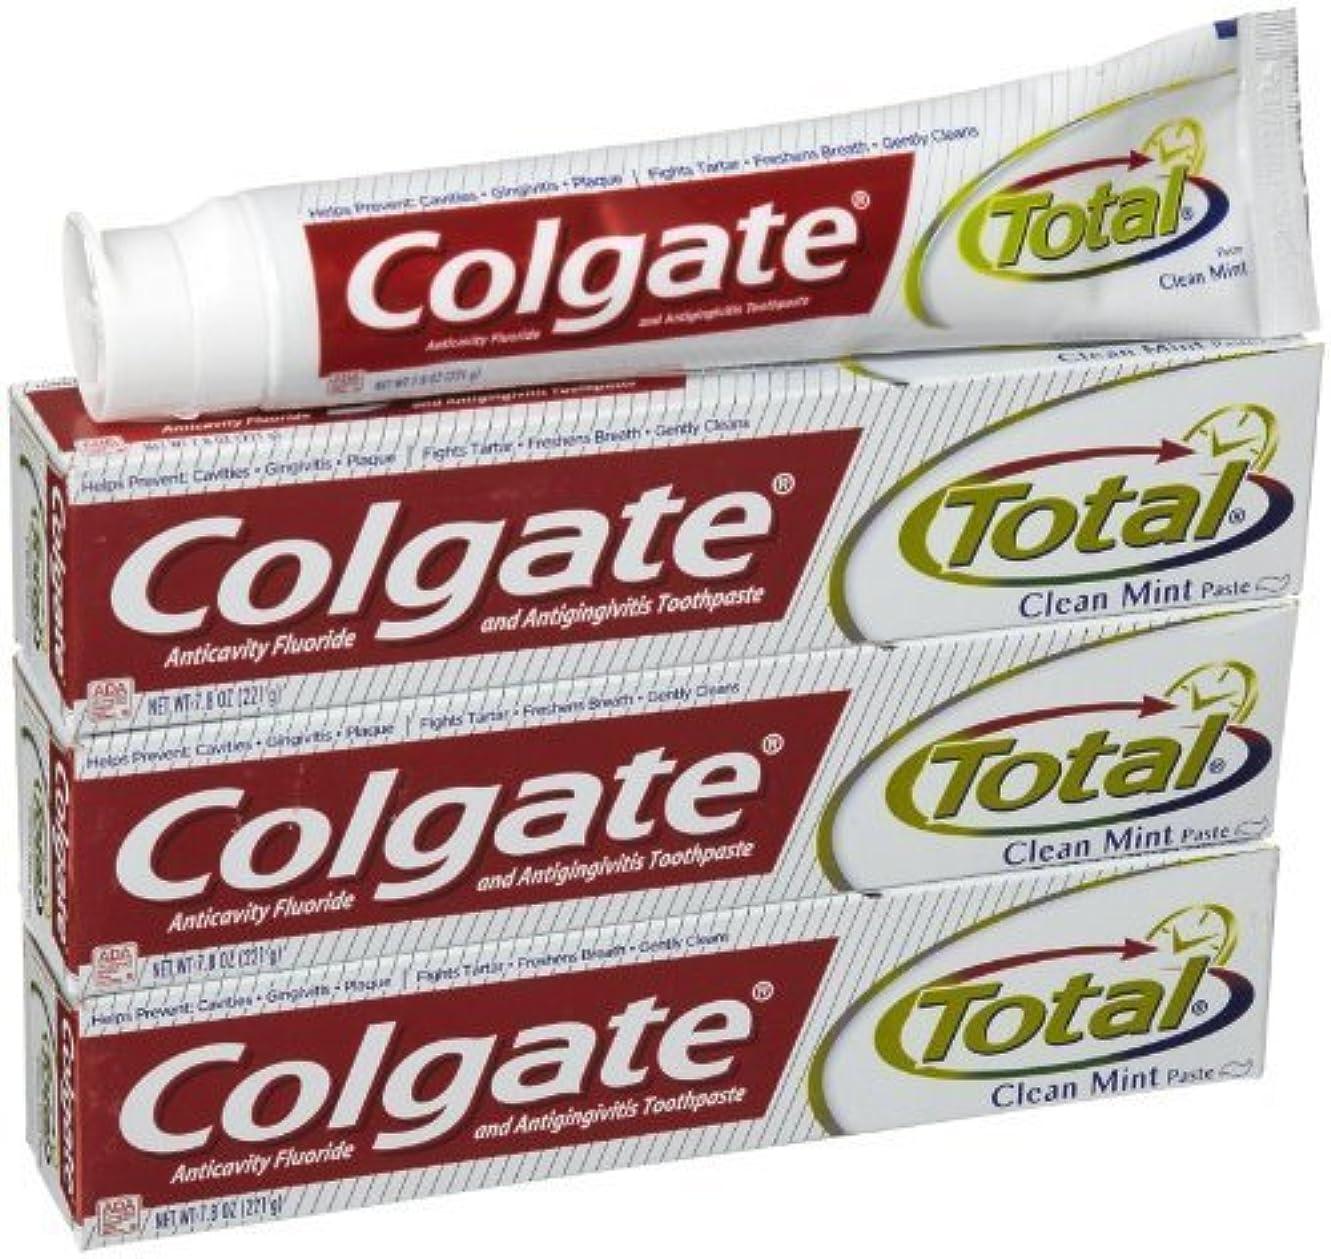 焦げ通り抜ける厳密にコルゲート クリーンミント 歯磨き粉 7.8OZ-3個 Colgate Total Original Toothpast Clean mint